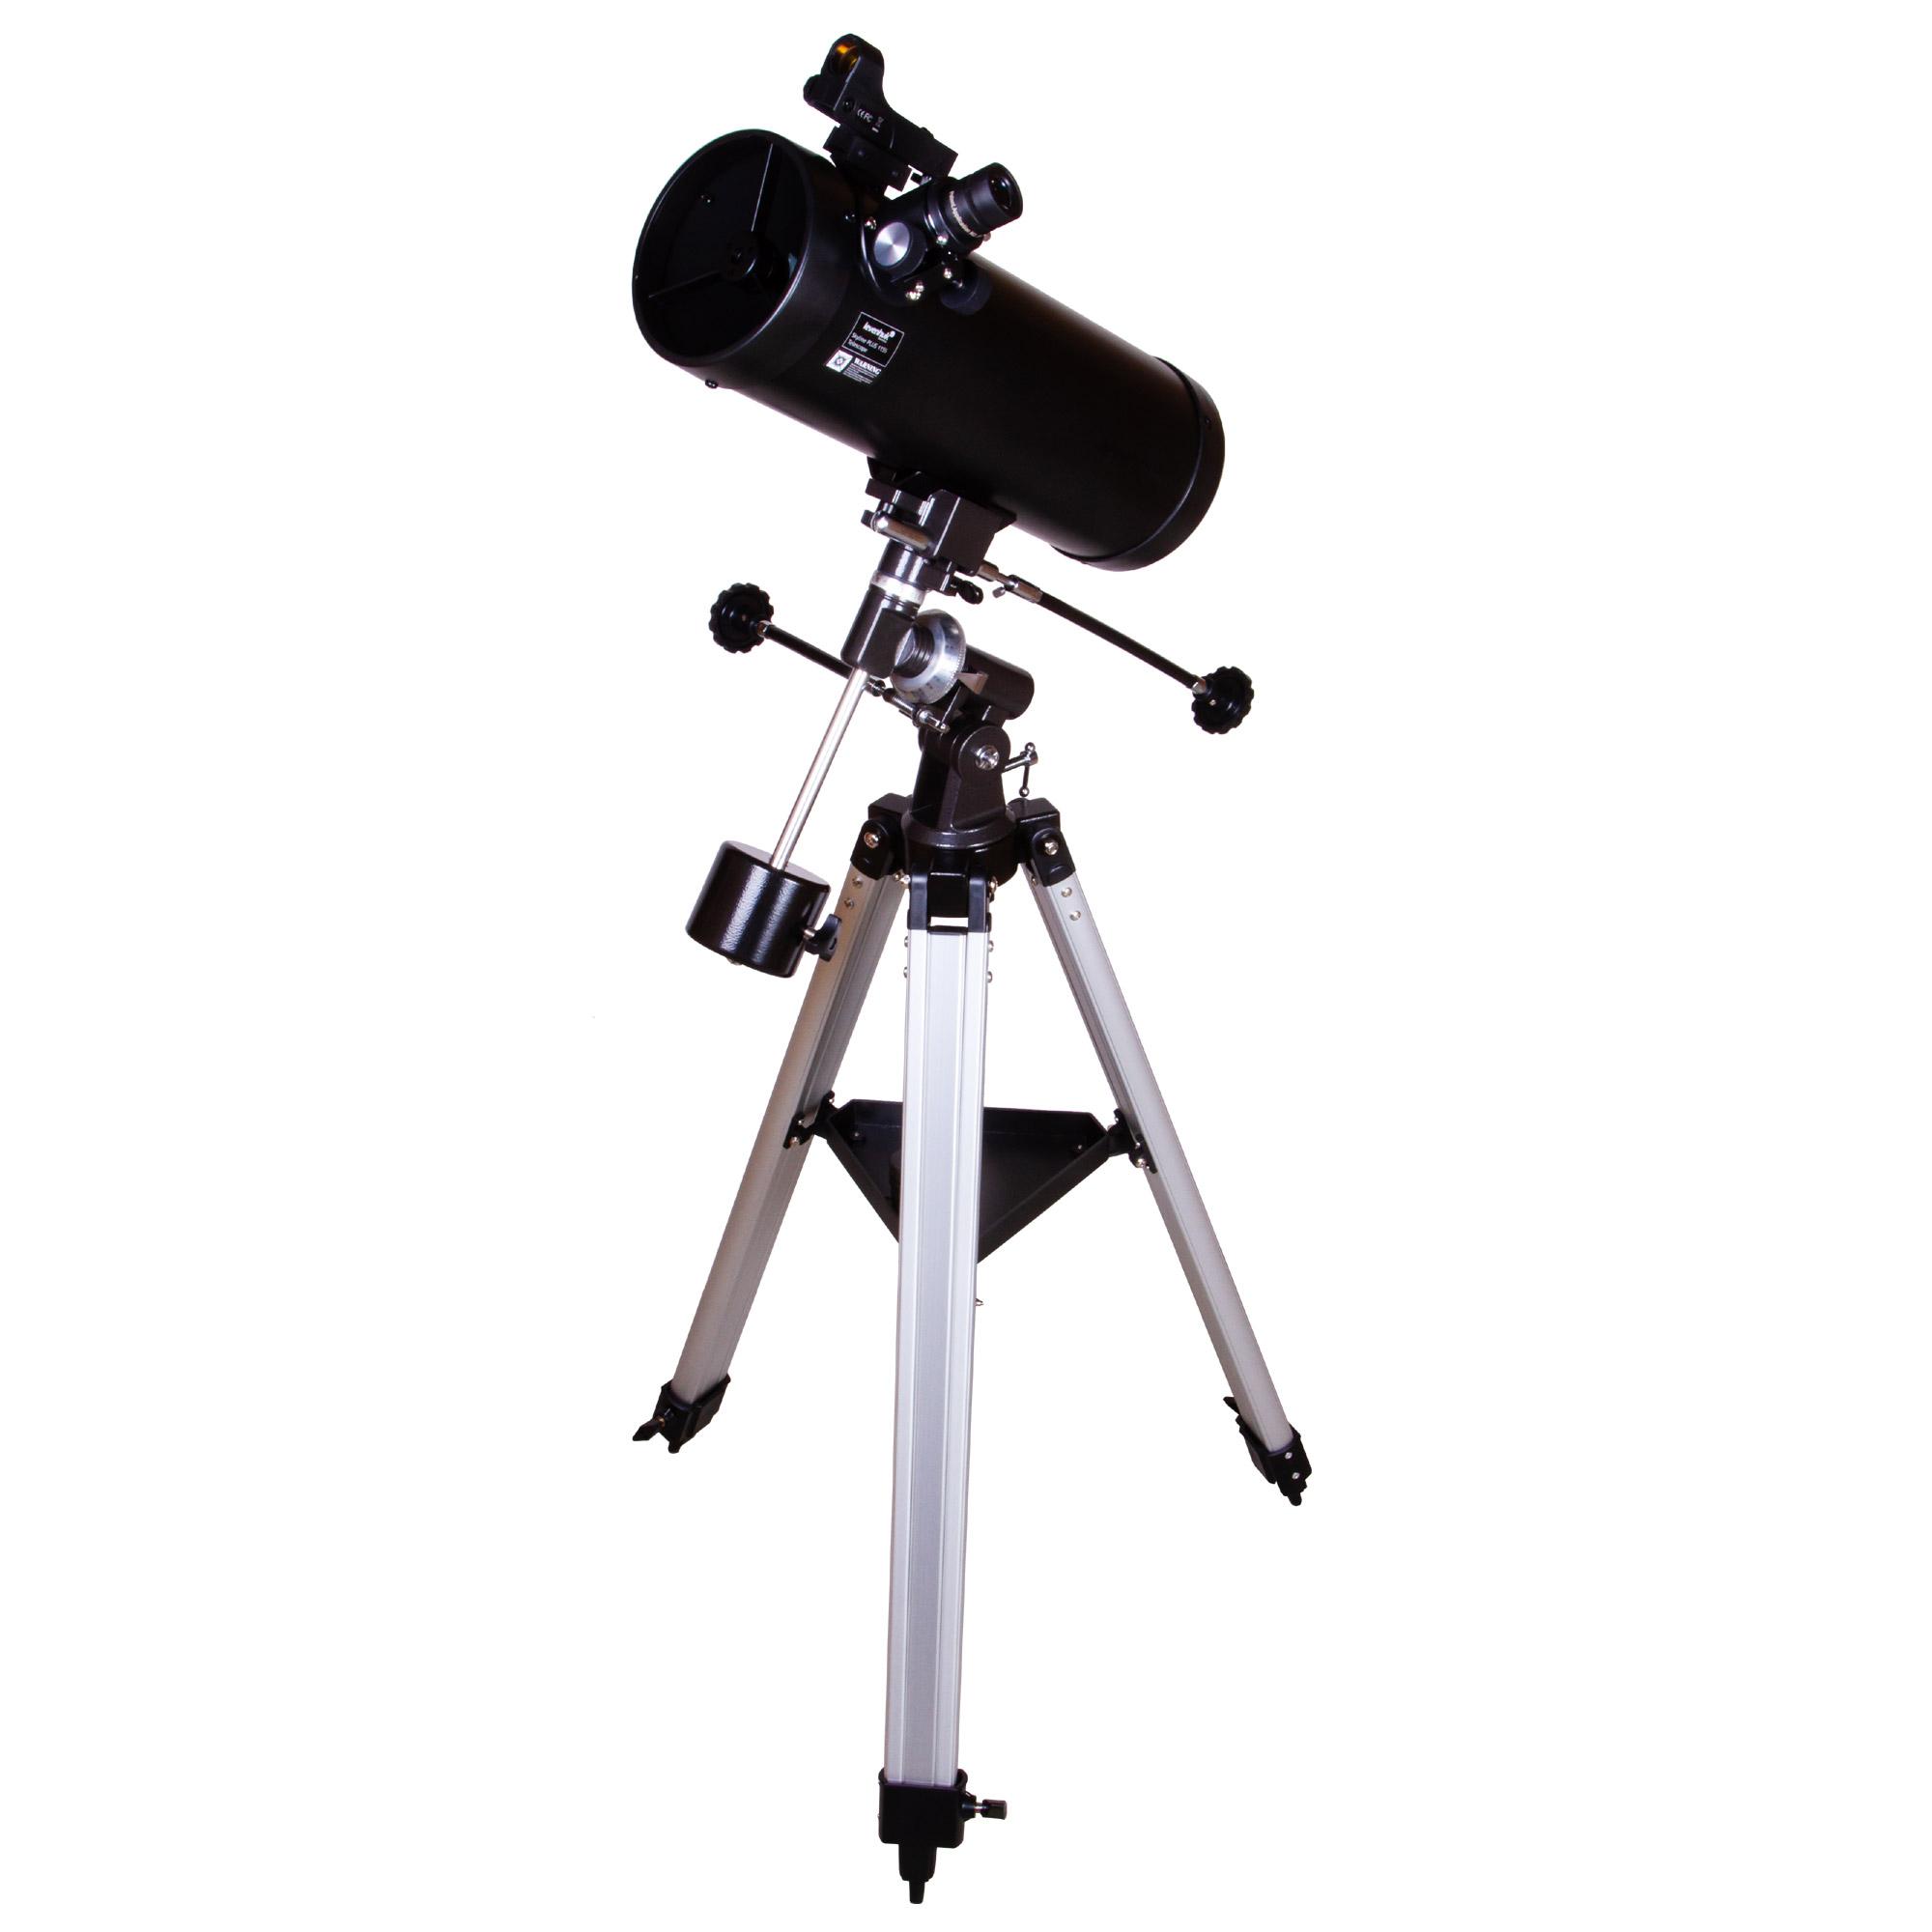 Фото - Телескоп Levenhuk Skyline PLUS 115S (+ Книга «Космос. Непустая пустота» в подарок!) телескоп levenhuk skyline base 60t книга космос непустая пустота в подарок